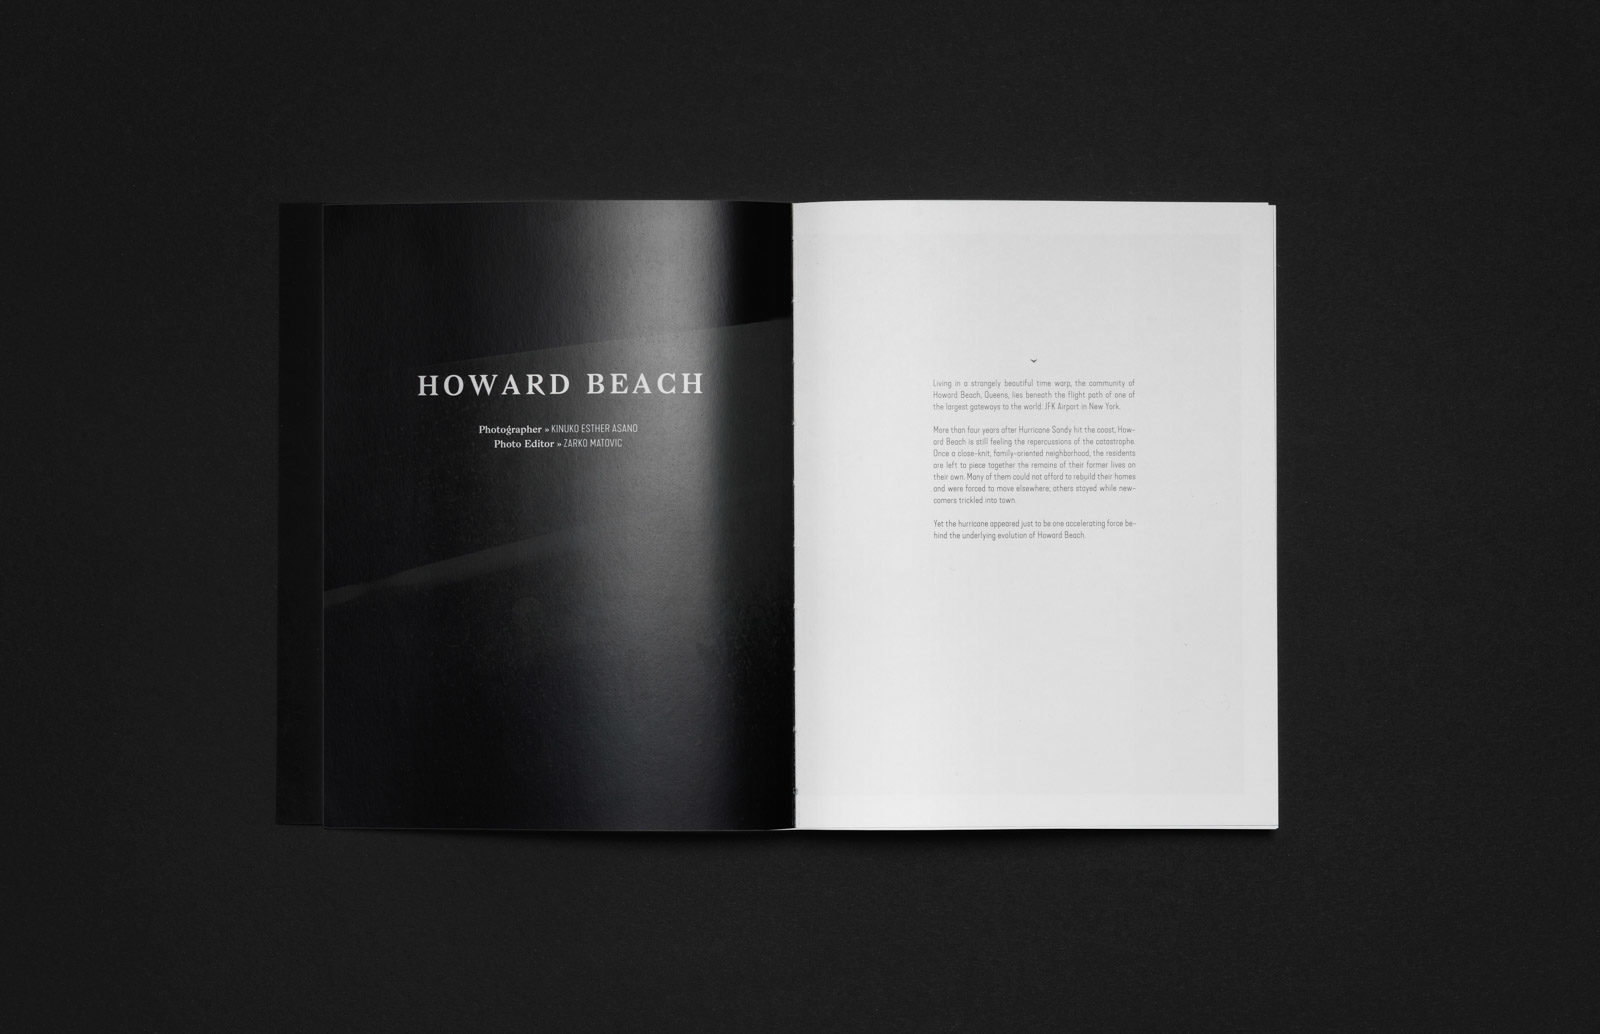 Editienne Grafikdesign - Kommunikationsdesign Berlin- Buchgestaltung und Coverdesign Fotobuch Out of Place 12